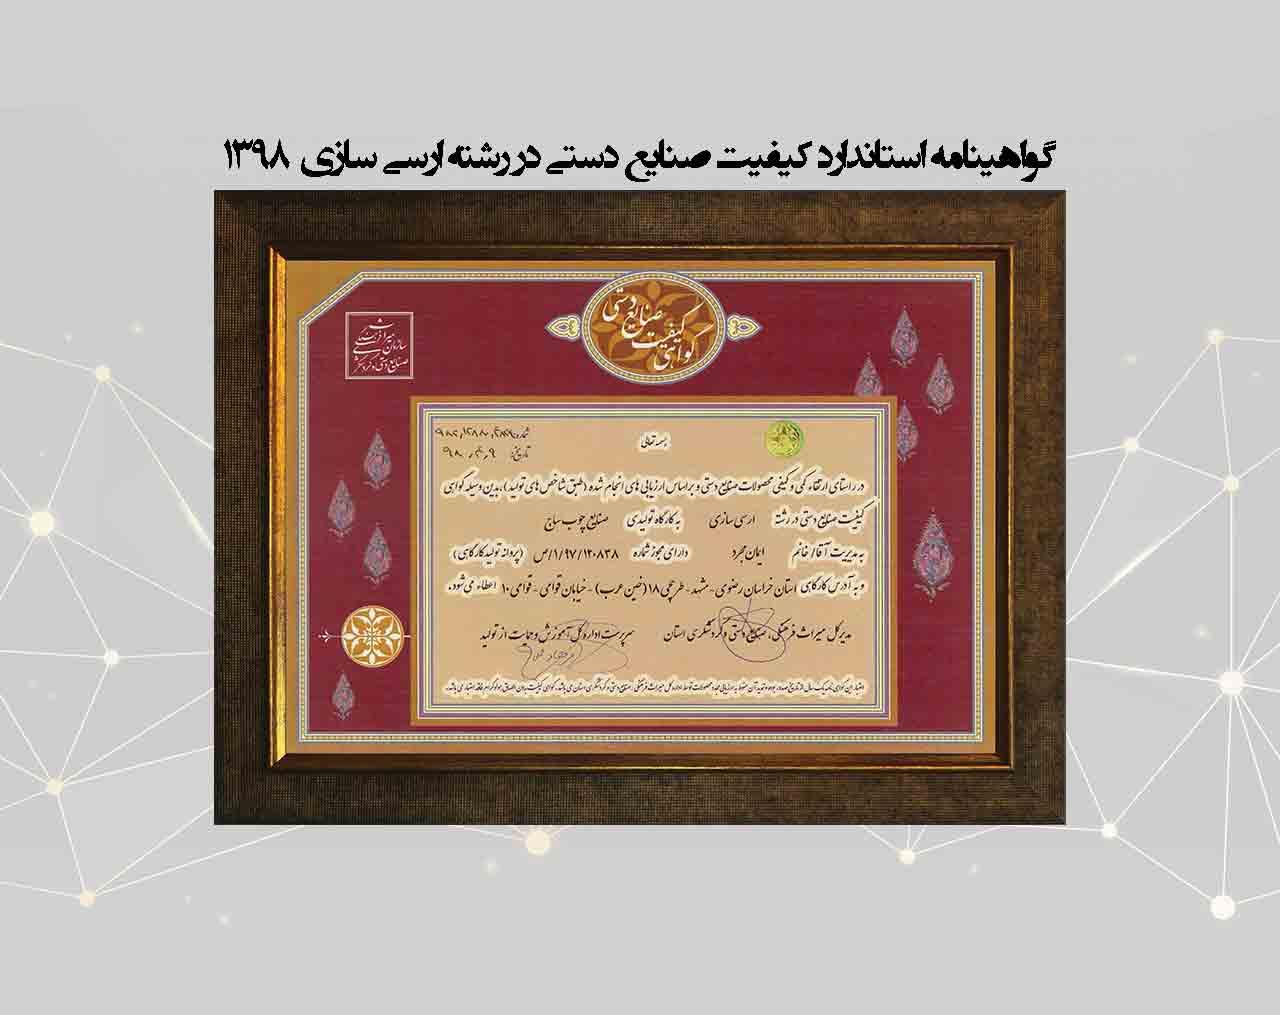 گواهینامه کیفیت از سازمان میراث فرهنگی و صنایع دستی کشور در رشته ارسی سازی طبق شاخص های تولید 1398